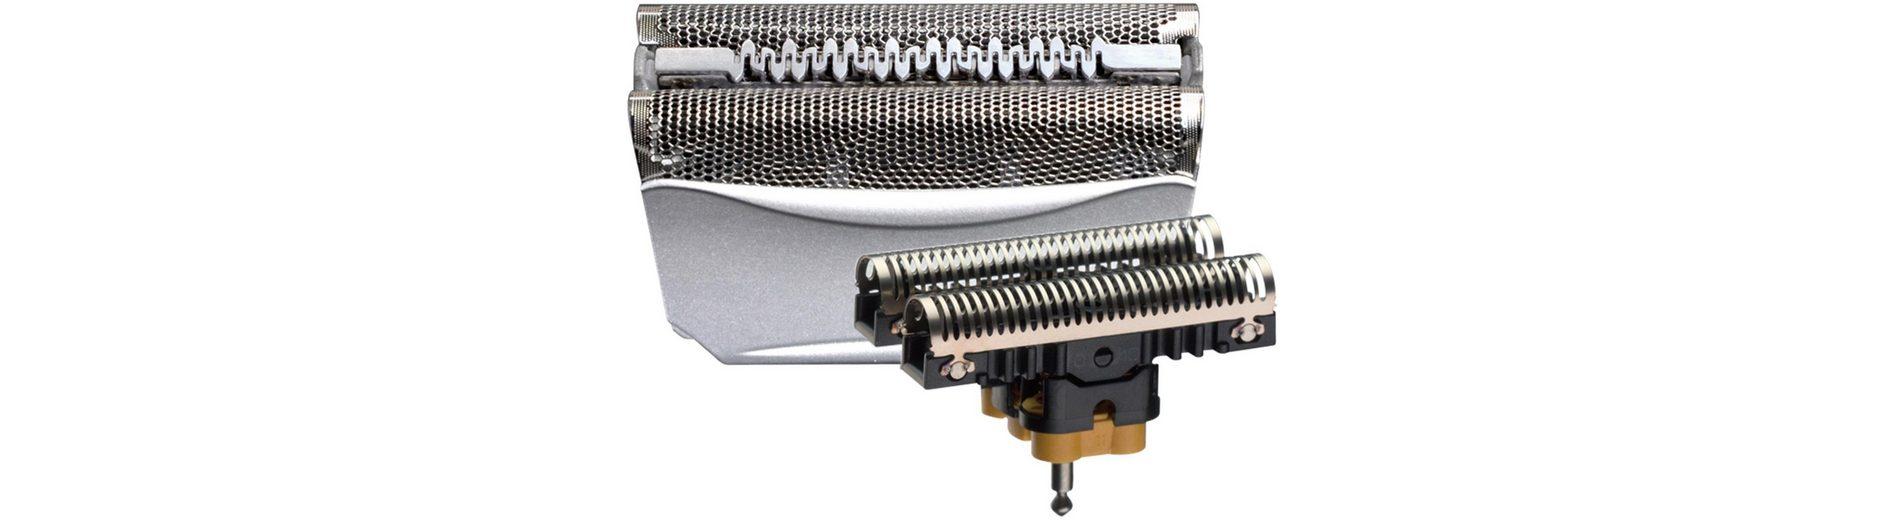 Braun, Ersatzscherteil, Series 5 51 S Silber